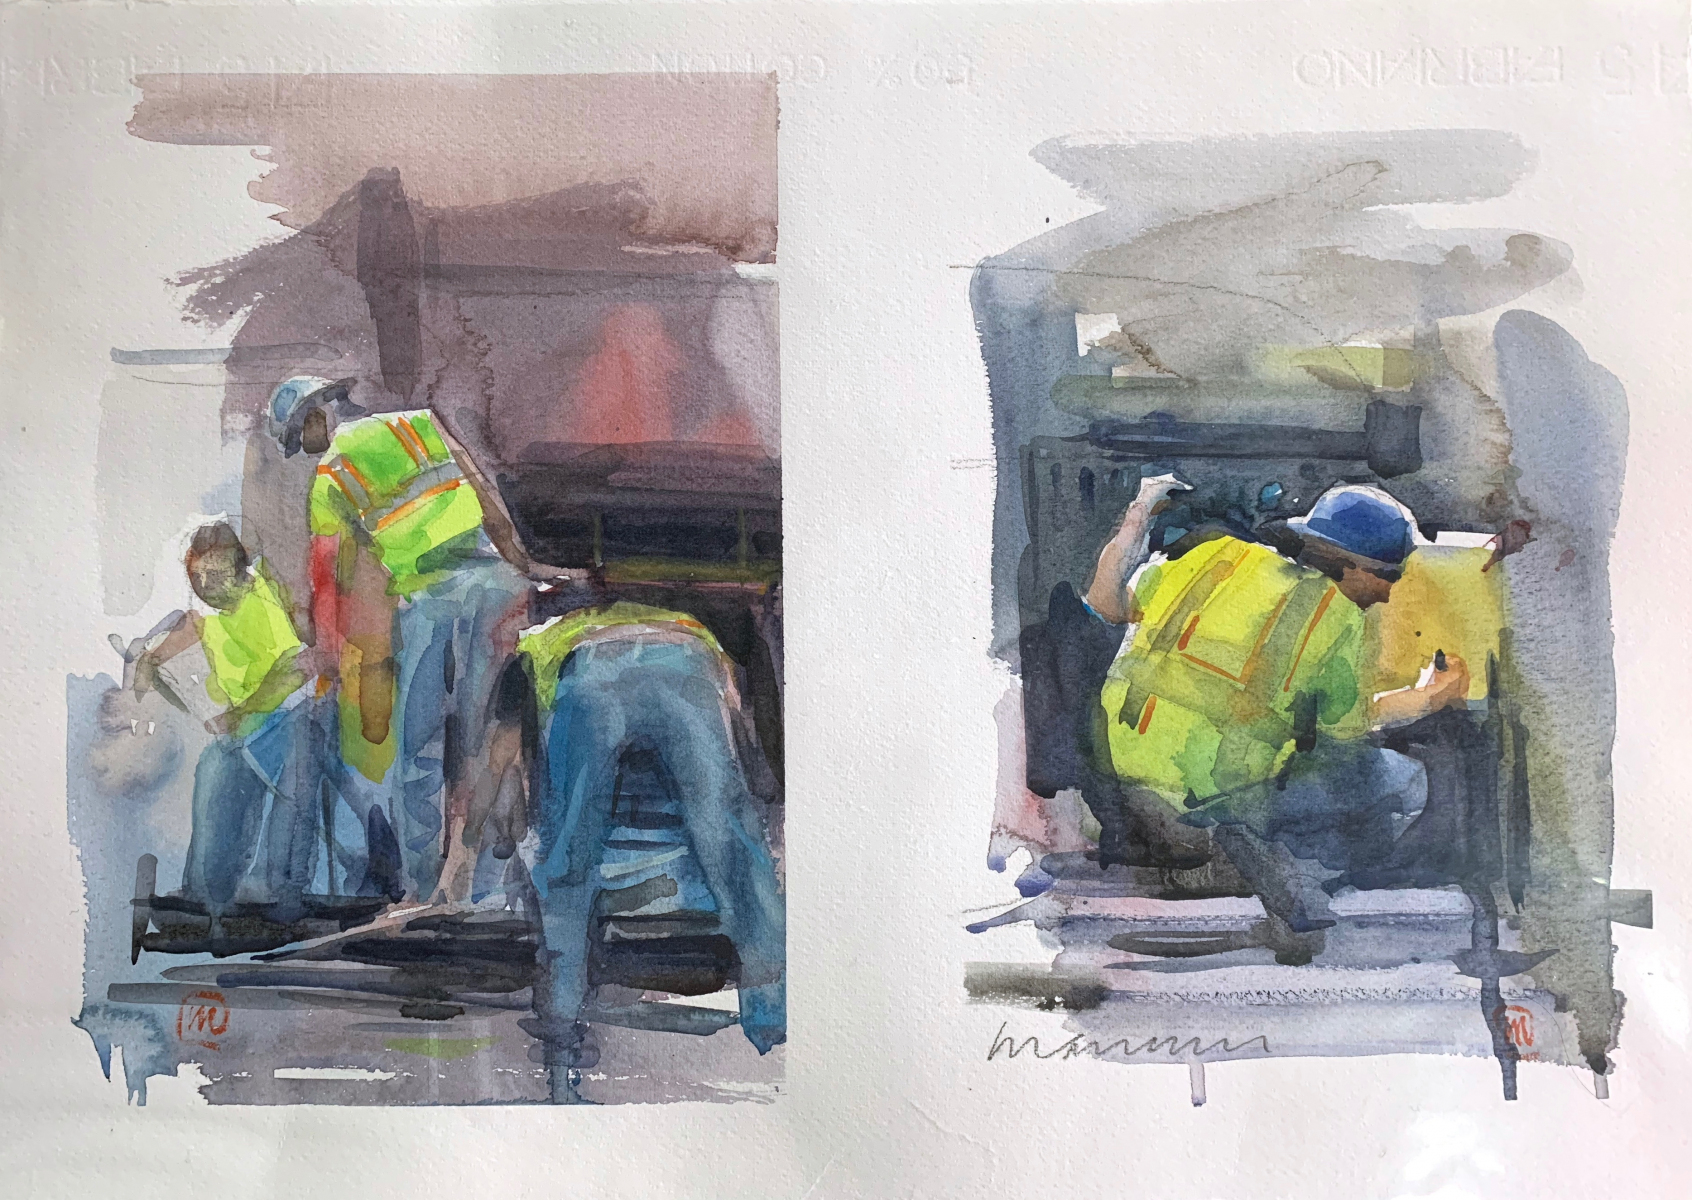 Cantieri, 2013, watercolor, 50x35 cm